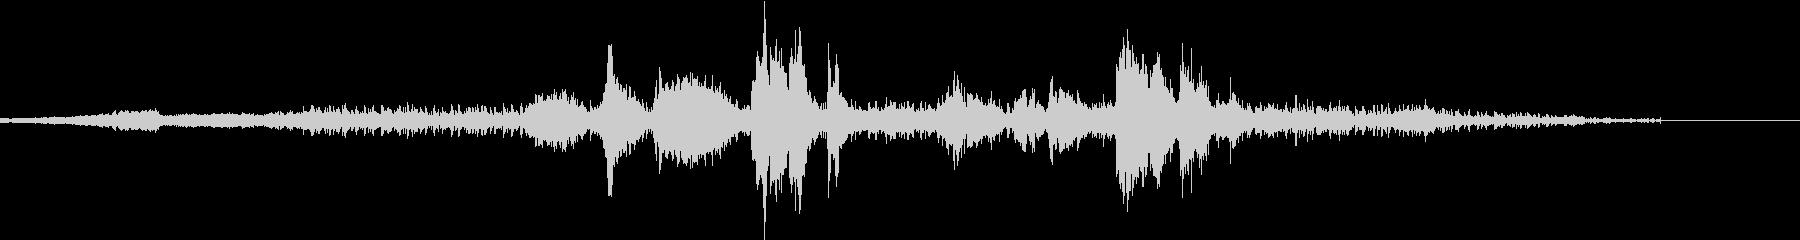 倍音を使った音楽の未再生の波形